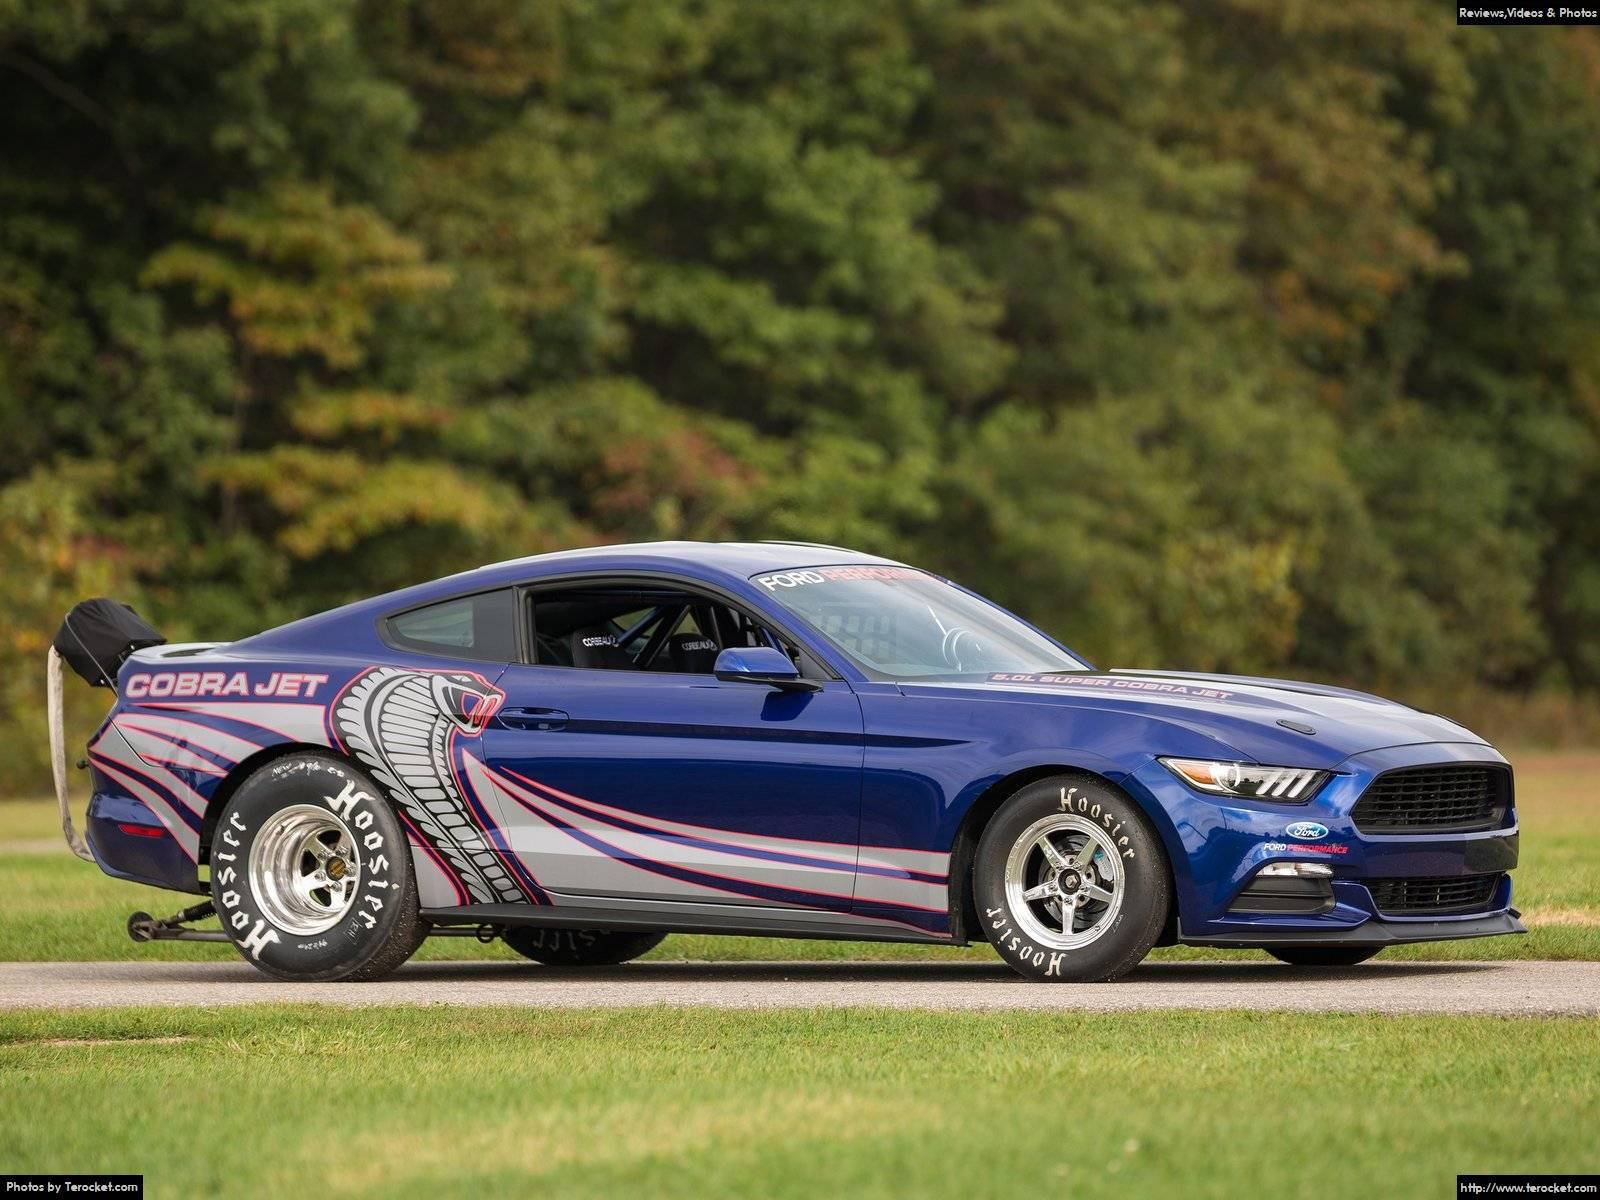 Hình ảnh xe ô tô Ford Mustang Cobra Jet 2016 & nội ngoại thất